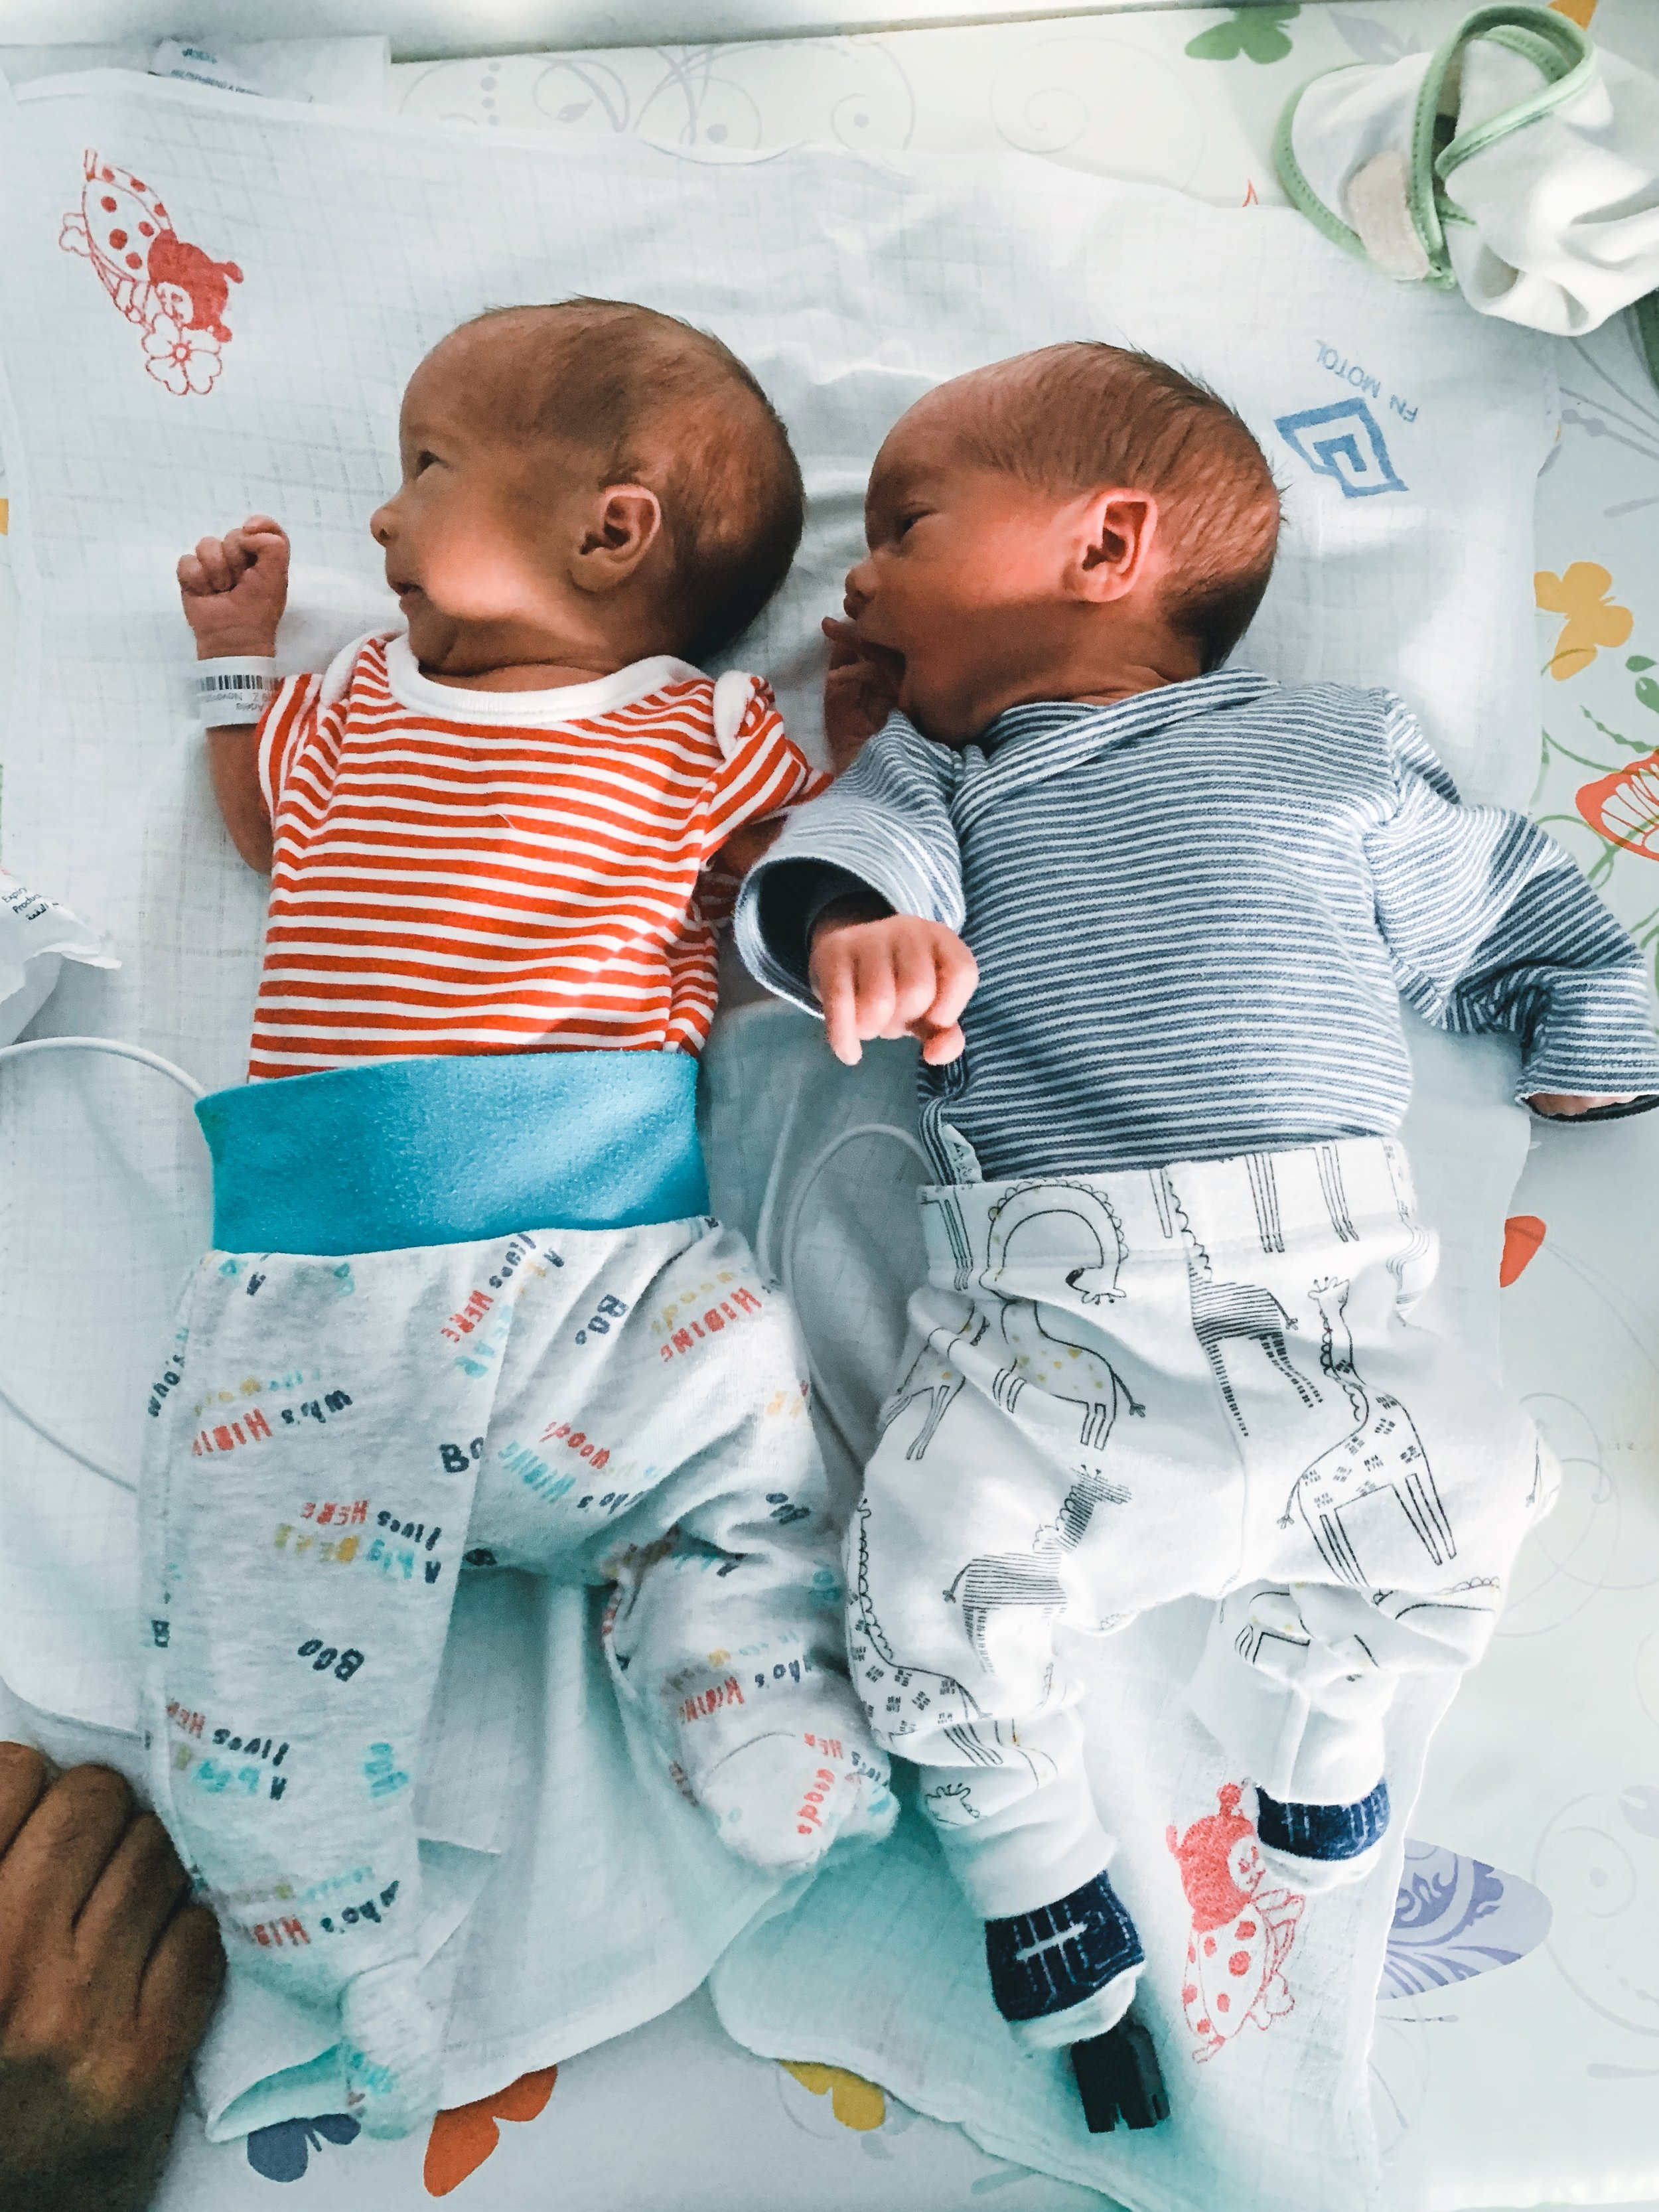 Tady jsme je dali poprvé k sobě :-) První společná fotka dvojčat :-)